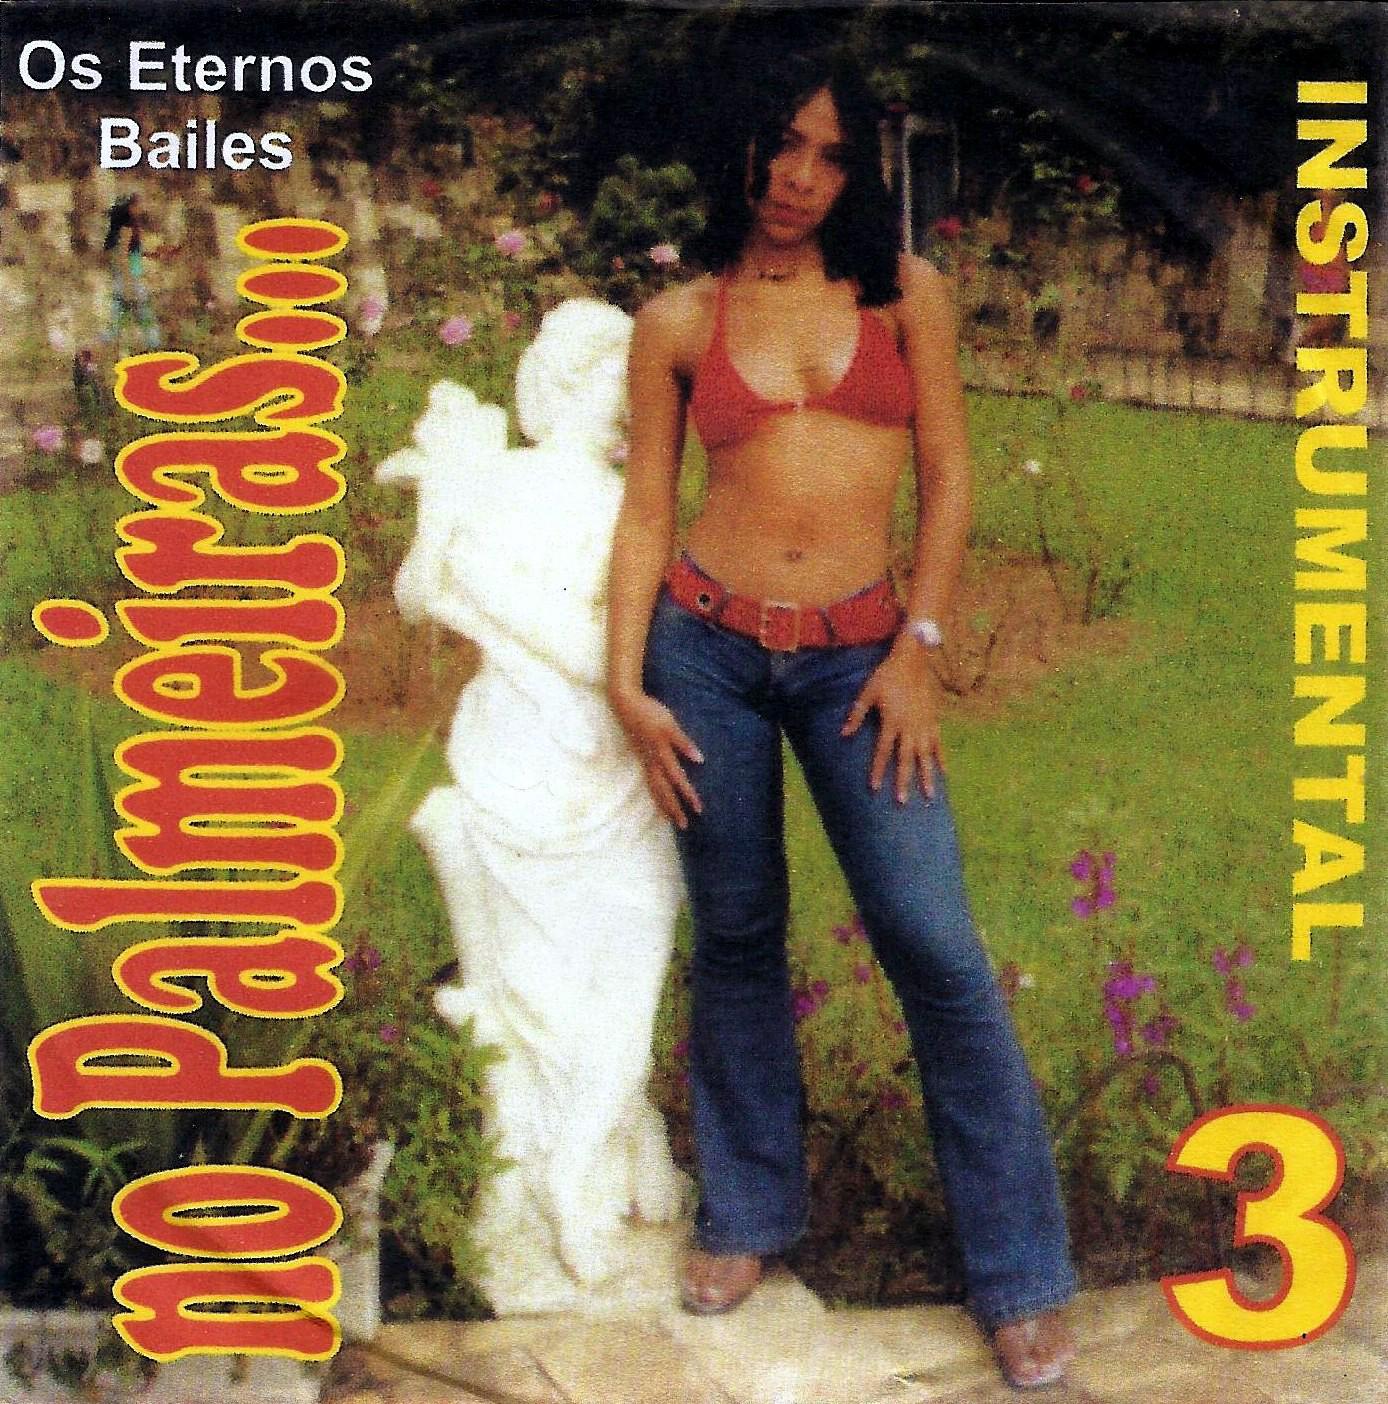 OS ETERNOS BAILE DO PALMEIRAS 3